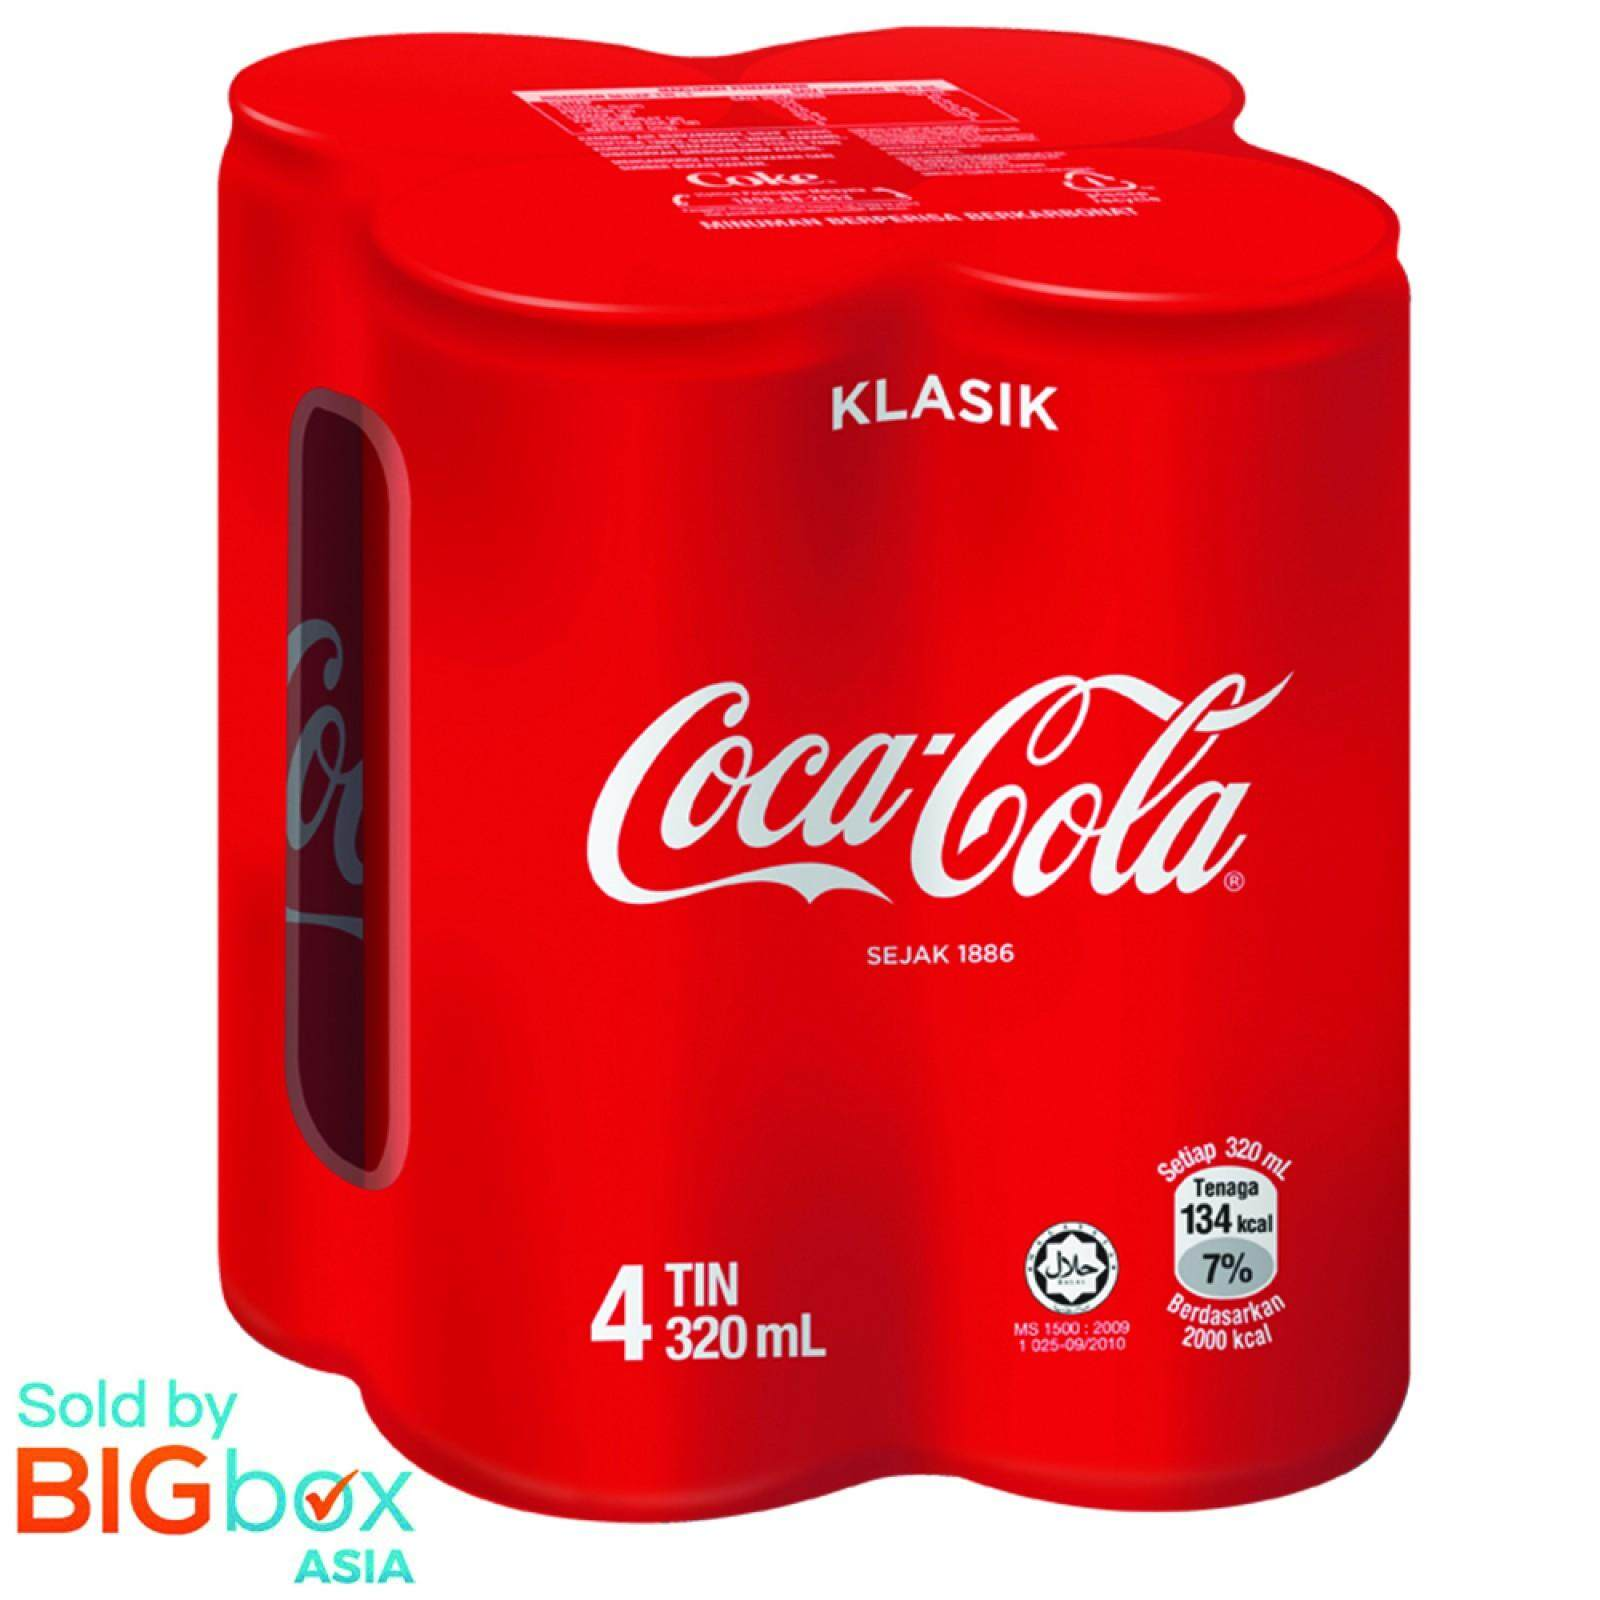 Coca-Cola 4 cans x 320ml - Malaysia [BIGbox Asia]